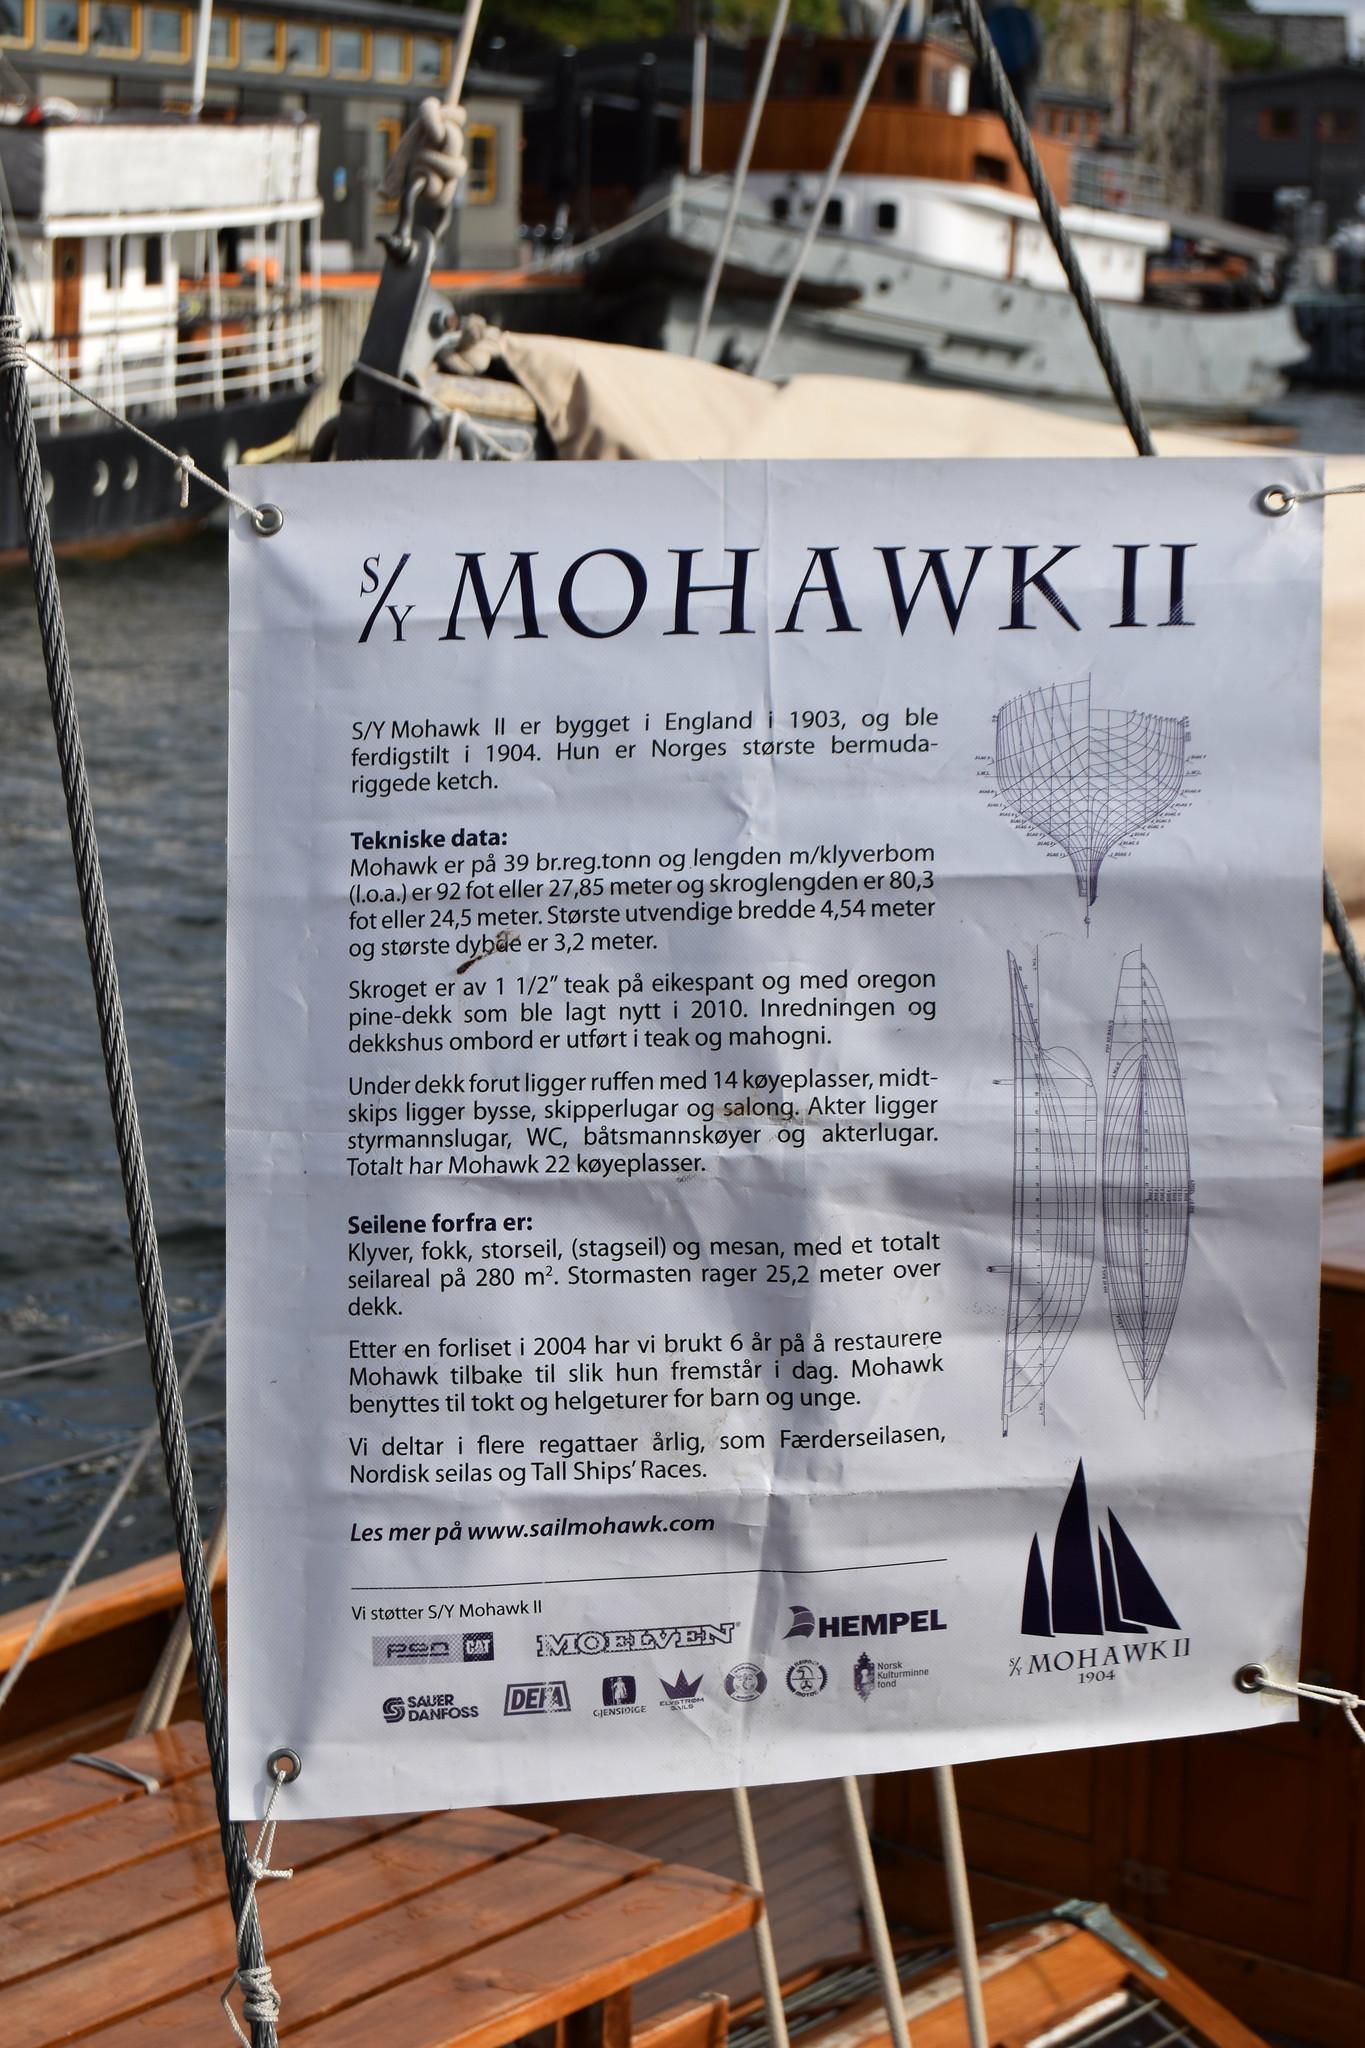 Mohawk II - Par fotografija 19752455159_f92463c7fb_k